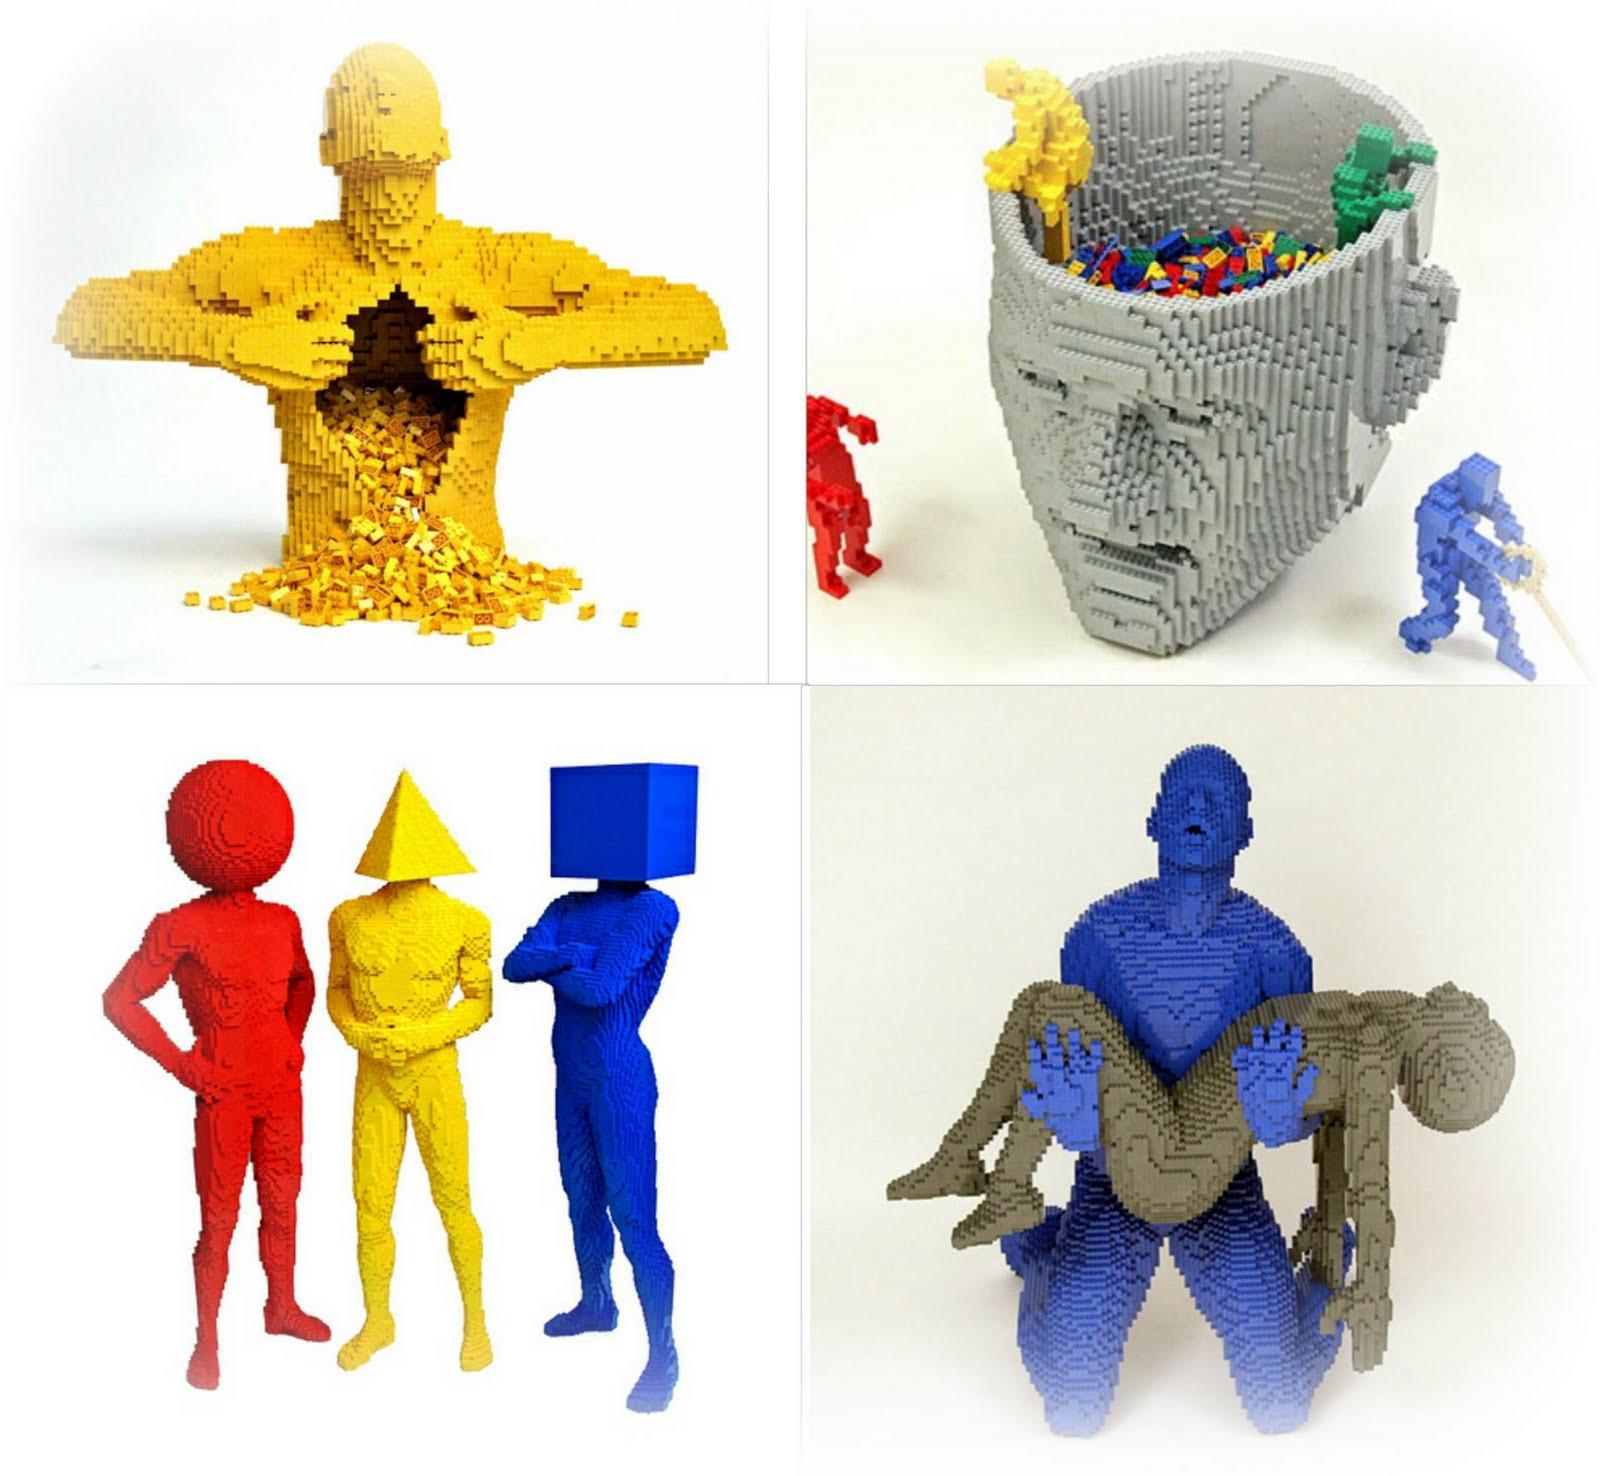 Javipop visual everything lego - Piezas lego gigantes ...